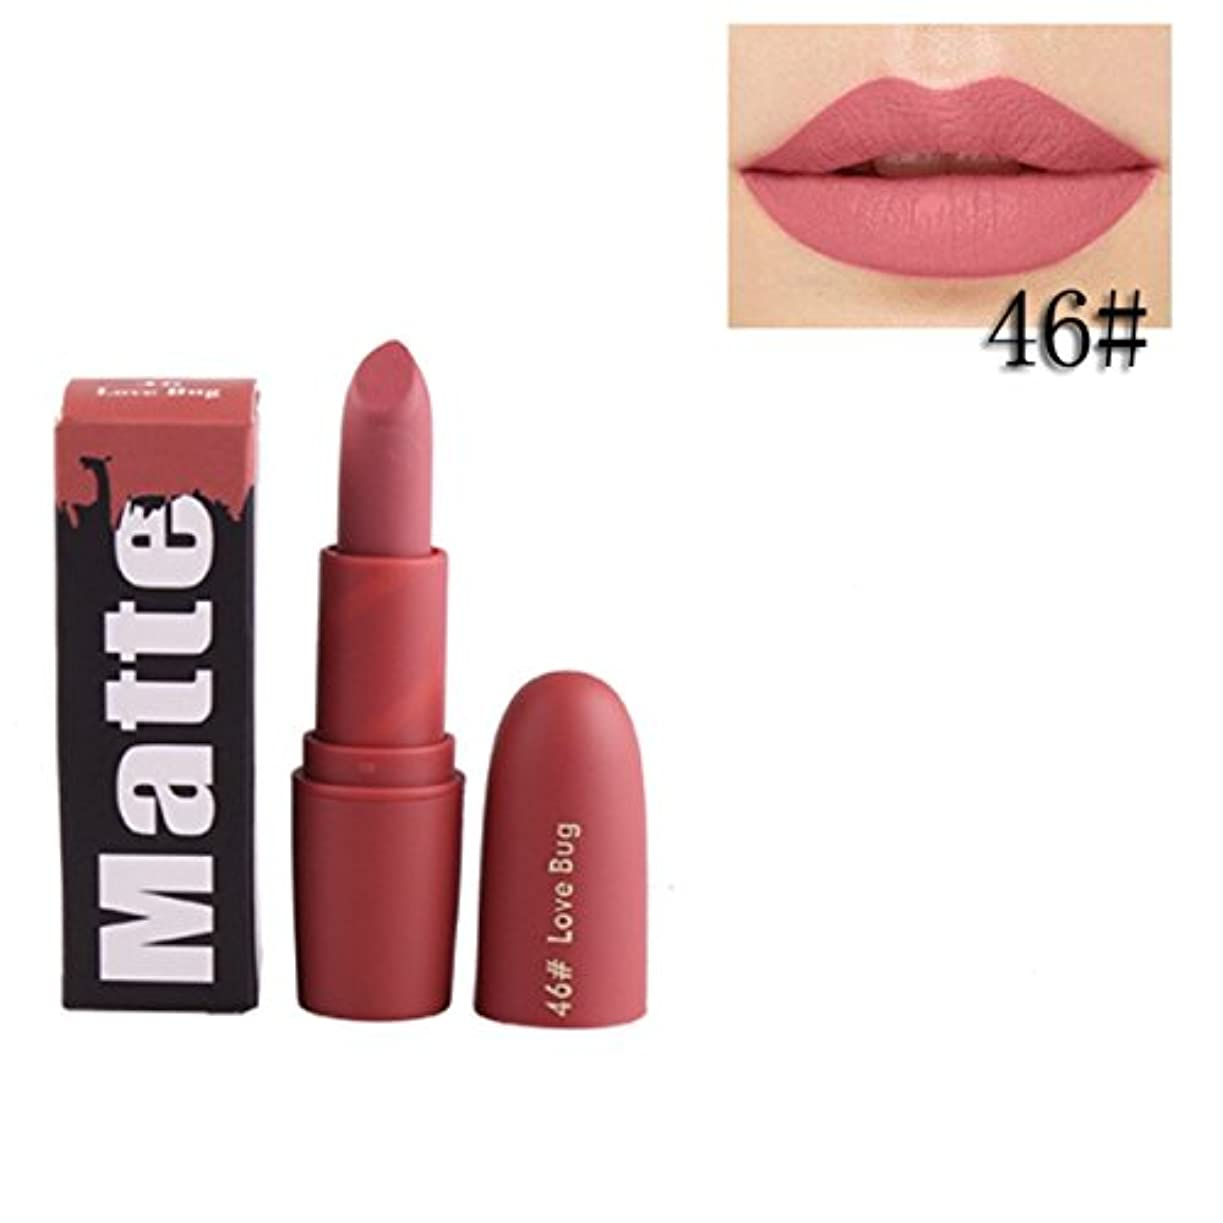 強います吸収見つける女性口紅 BOBOGOJP 欧米風 ミストマット リップグロス 18色選択 保湿 持続性 魅力的 リップリップスティック モイスチャライジング リップスティックメイク 恋する唇 おすすめリップスティック (J)